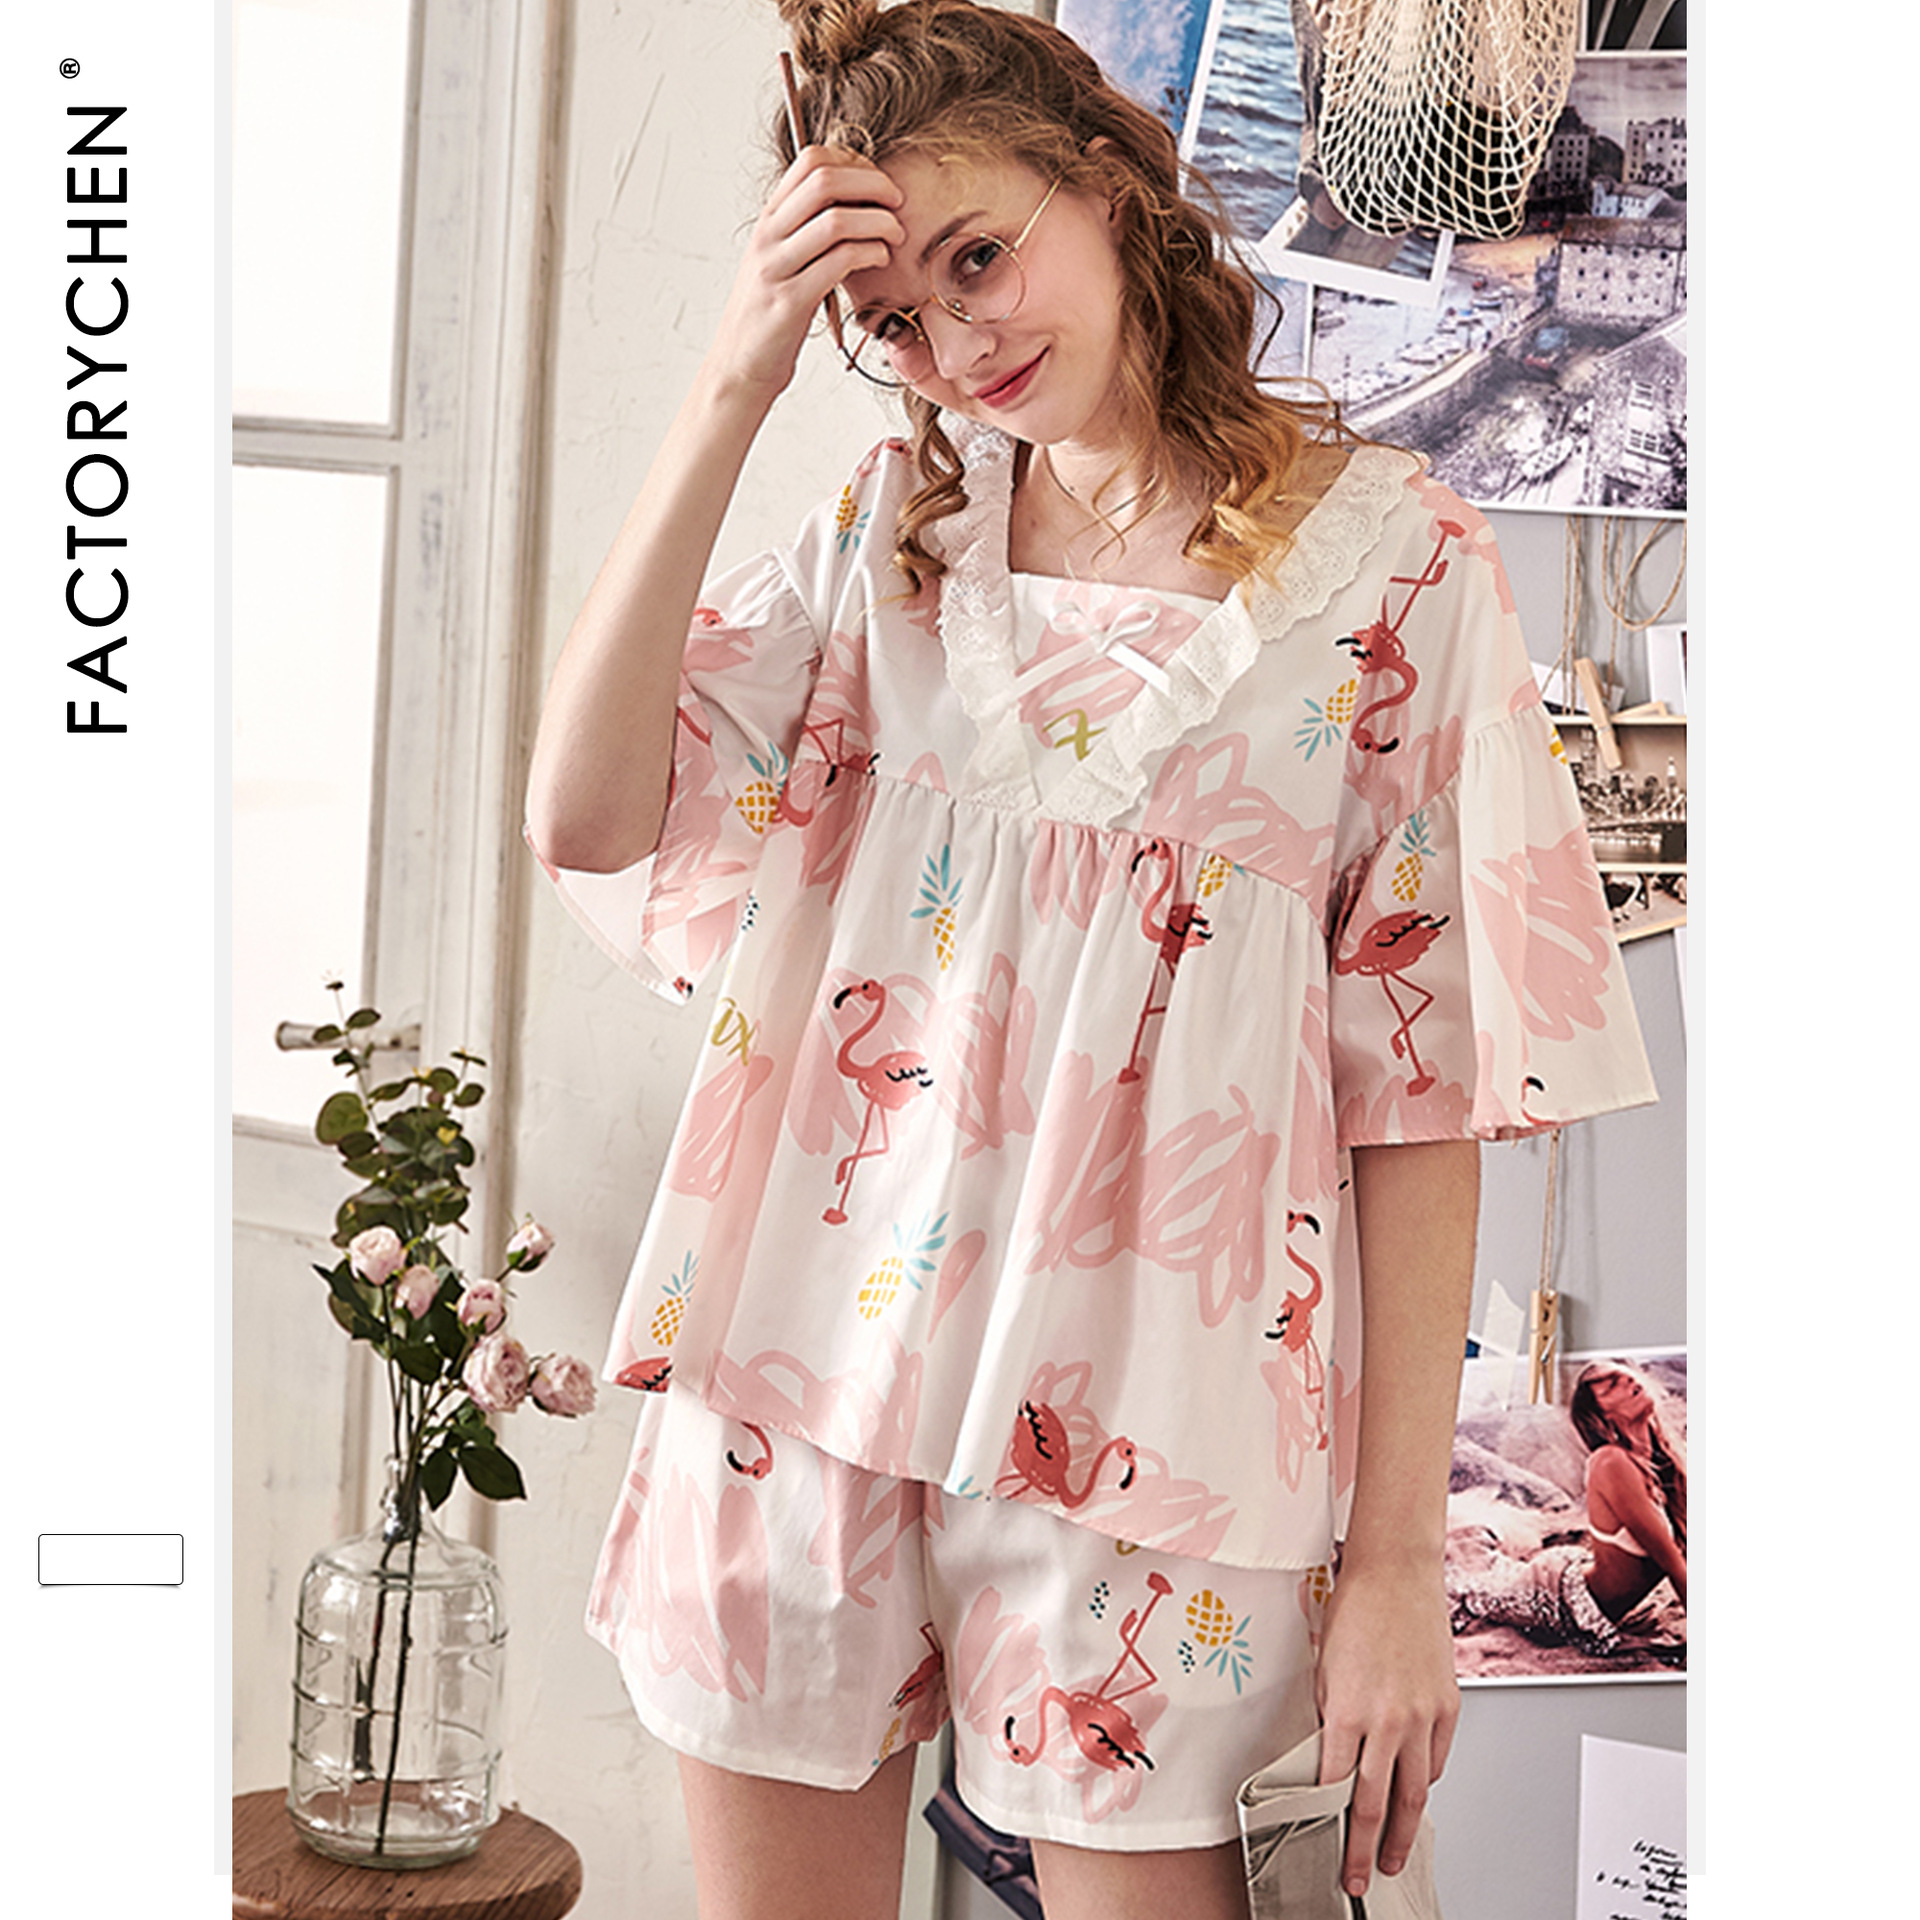 Image 2 - Свободные женские пижамы с коротким рукавом и рисунком фламинго, летние шорты, пижама с v образным вырезом, пижама с принтом, домашняя одежда для сна, комплект из 2 предметов-in Комплекты пижам from Нижнее белье и пижамы on AliExpress - 11.11_Double 11_Singles' Day